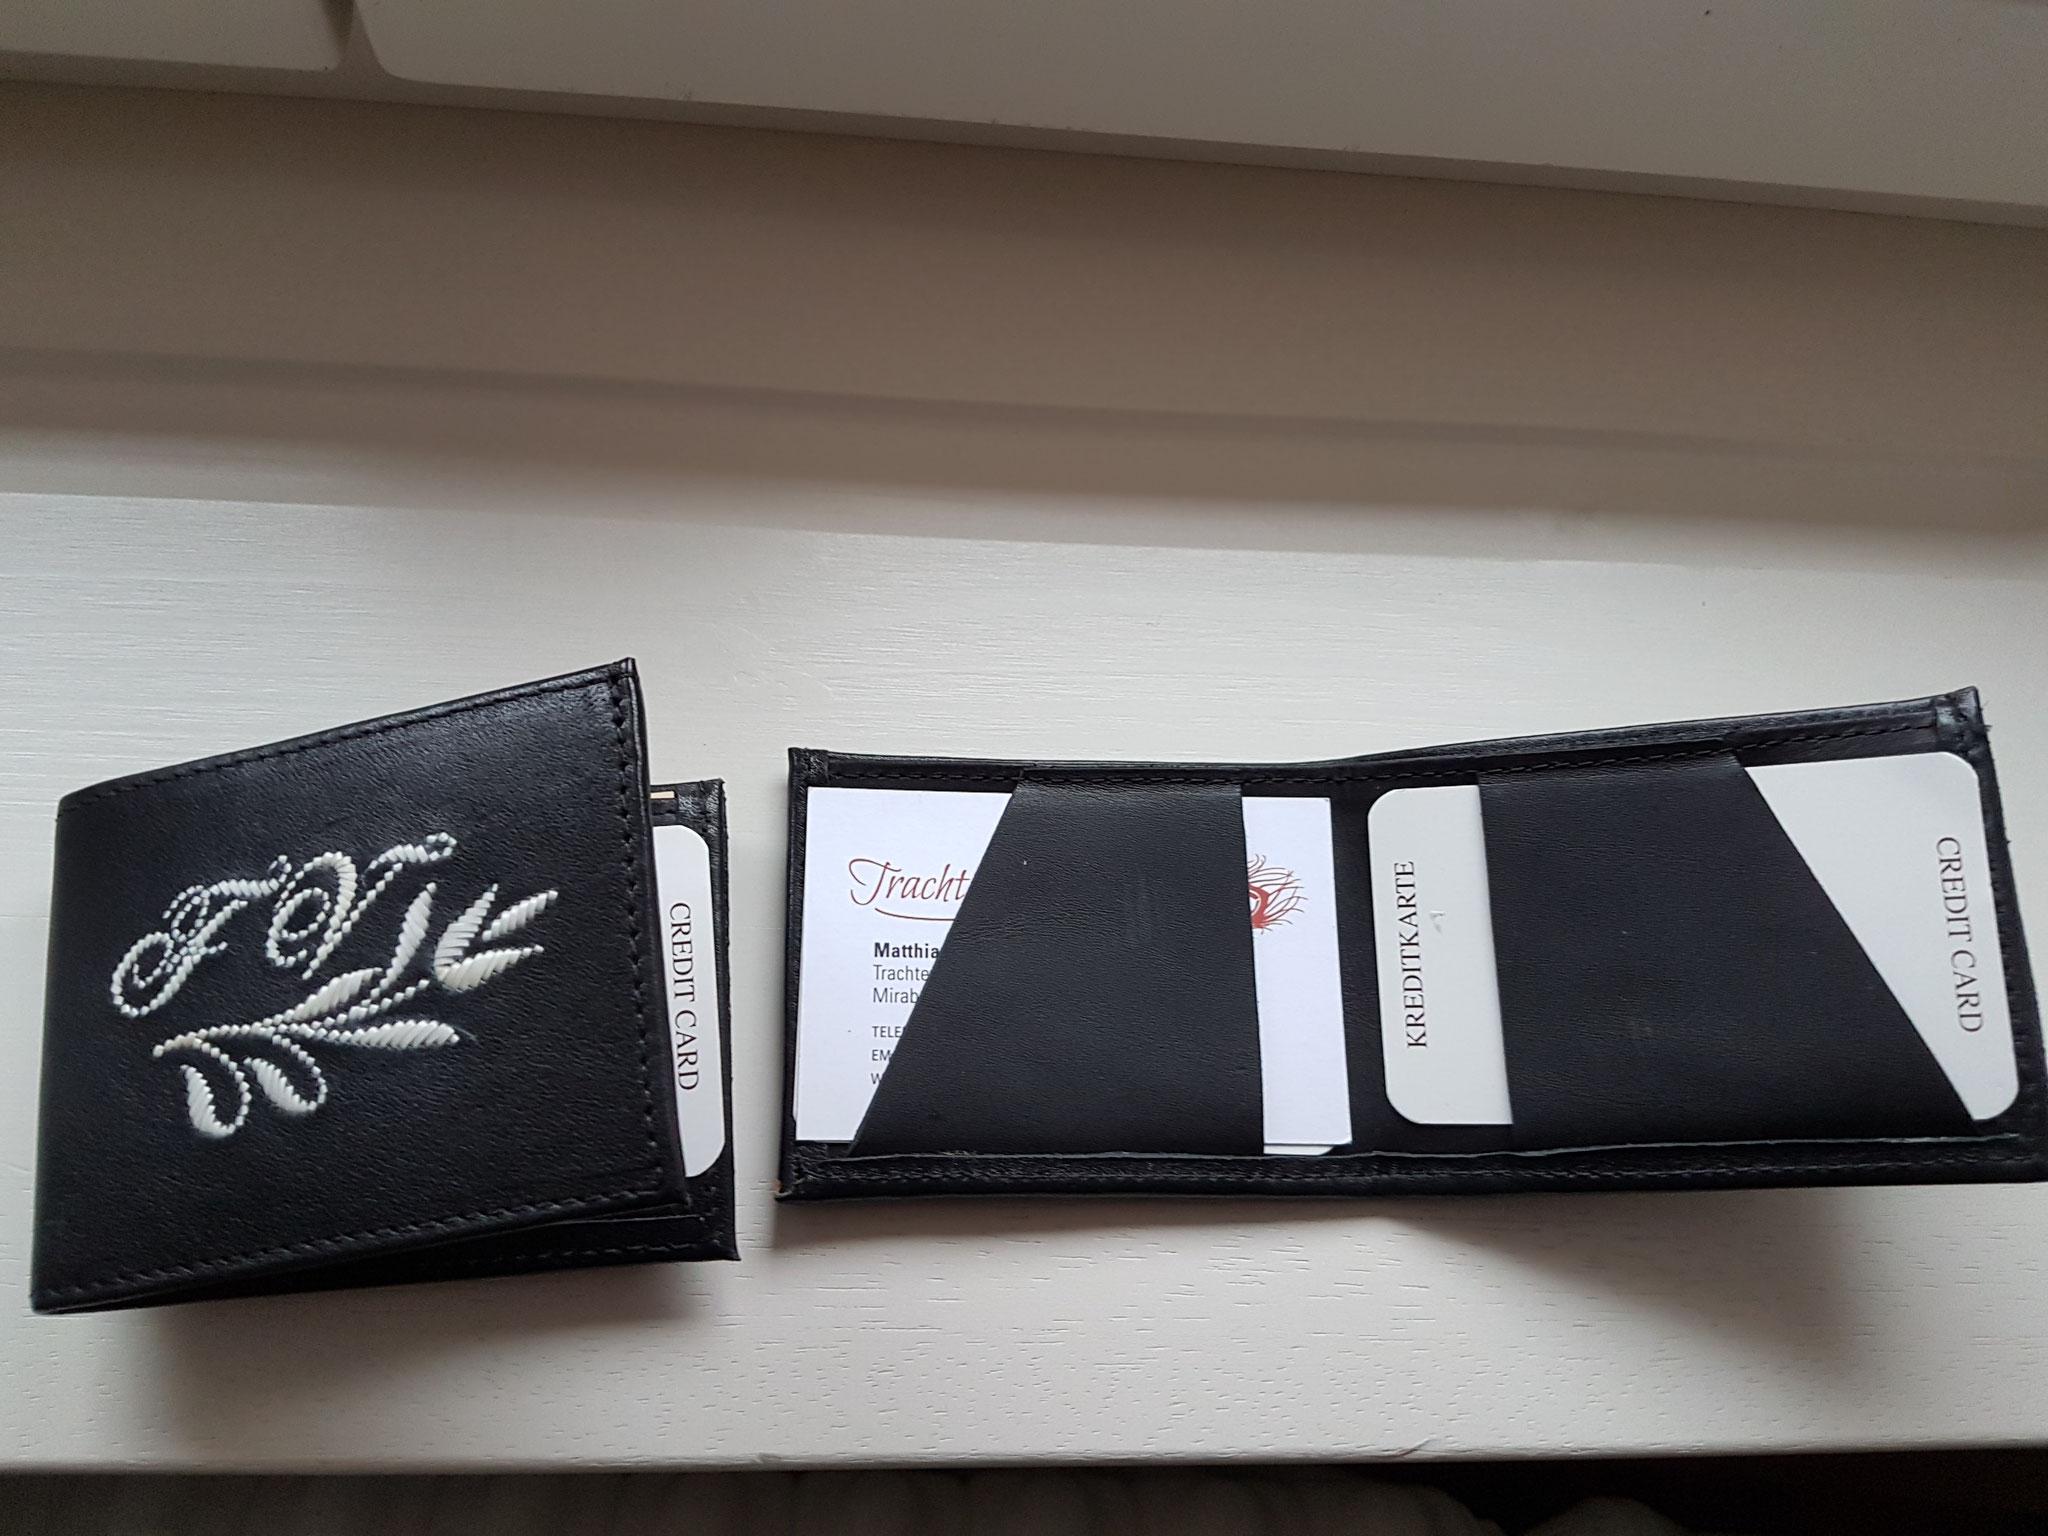 Einfacher federkielgestickter Geldbeutel für unterwegs